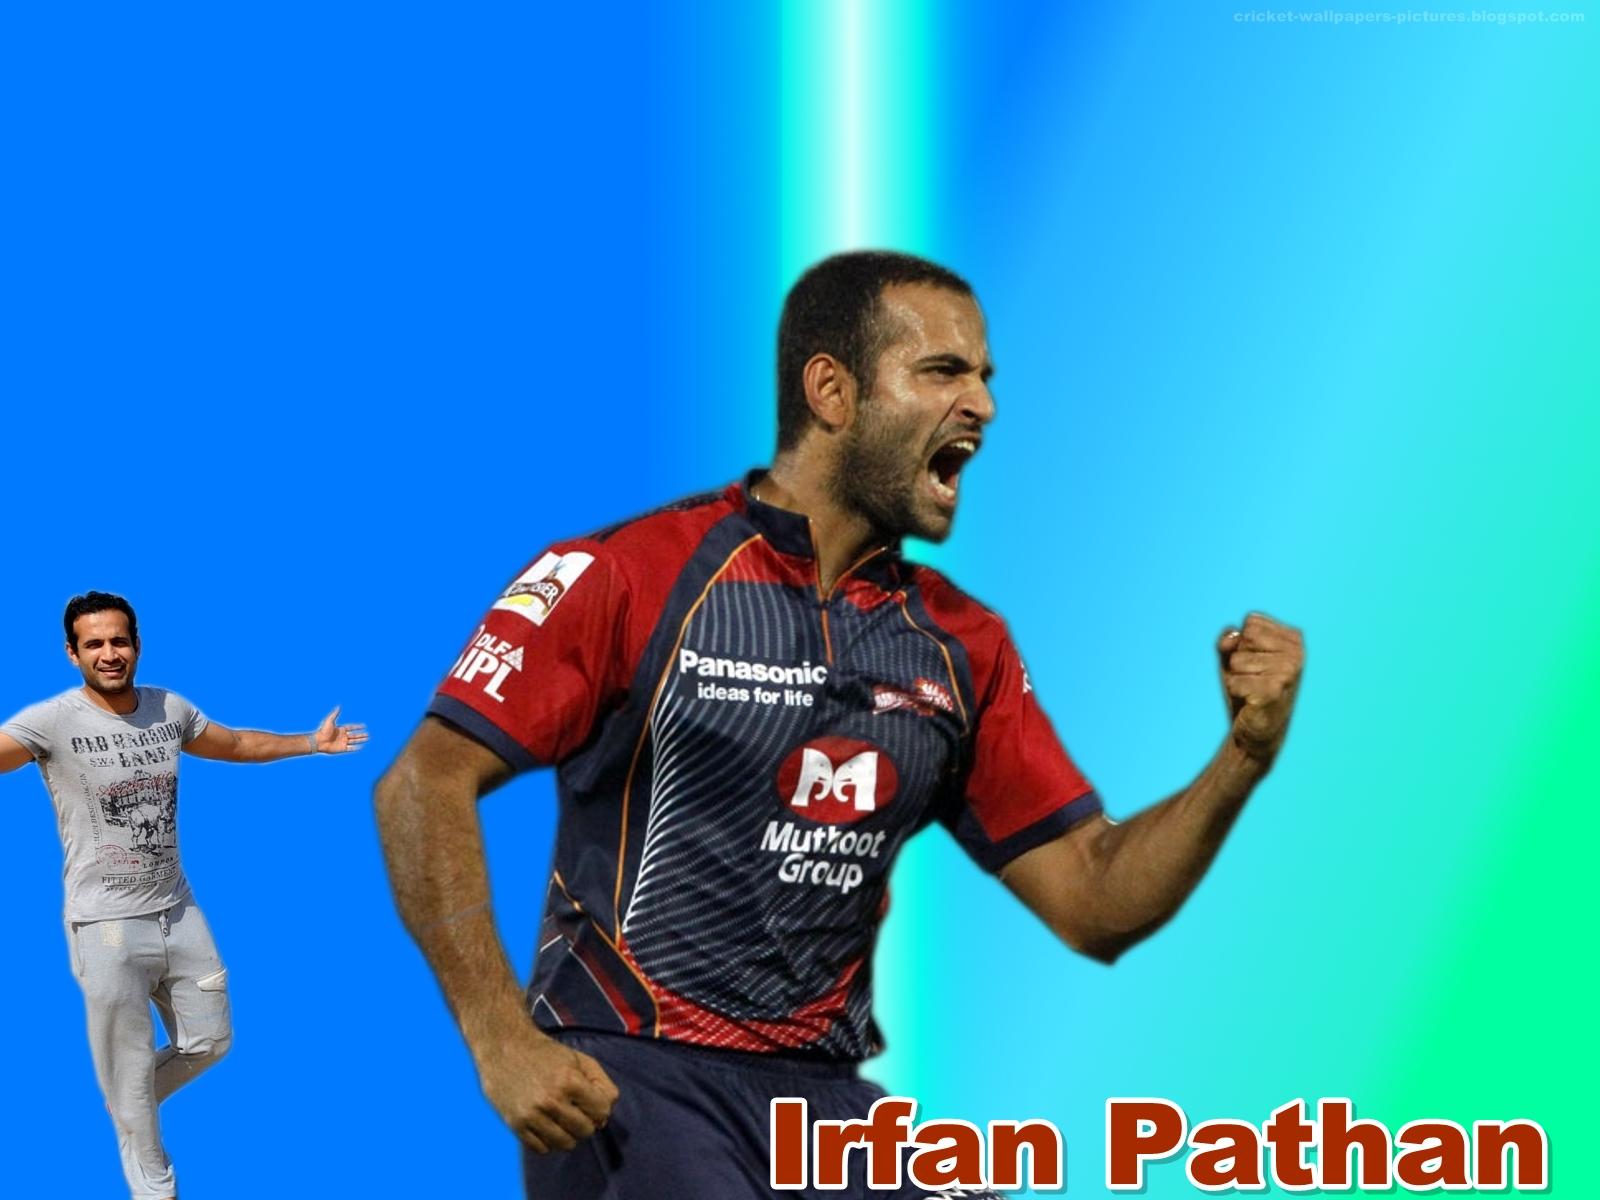 http://4.bp.blogspot.com/-Glg-jMqTzU0/UBNVx1XairI/AAAAAAAAAZU/HwIwWcwimso/s1600/Irfan+Pathan+w1.jpg